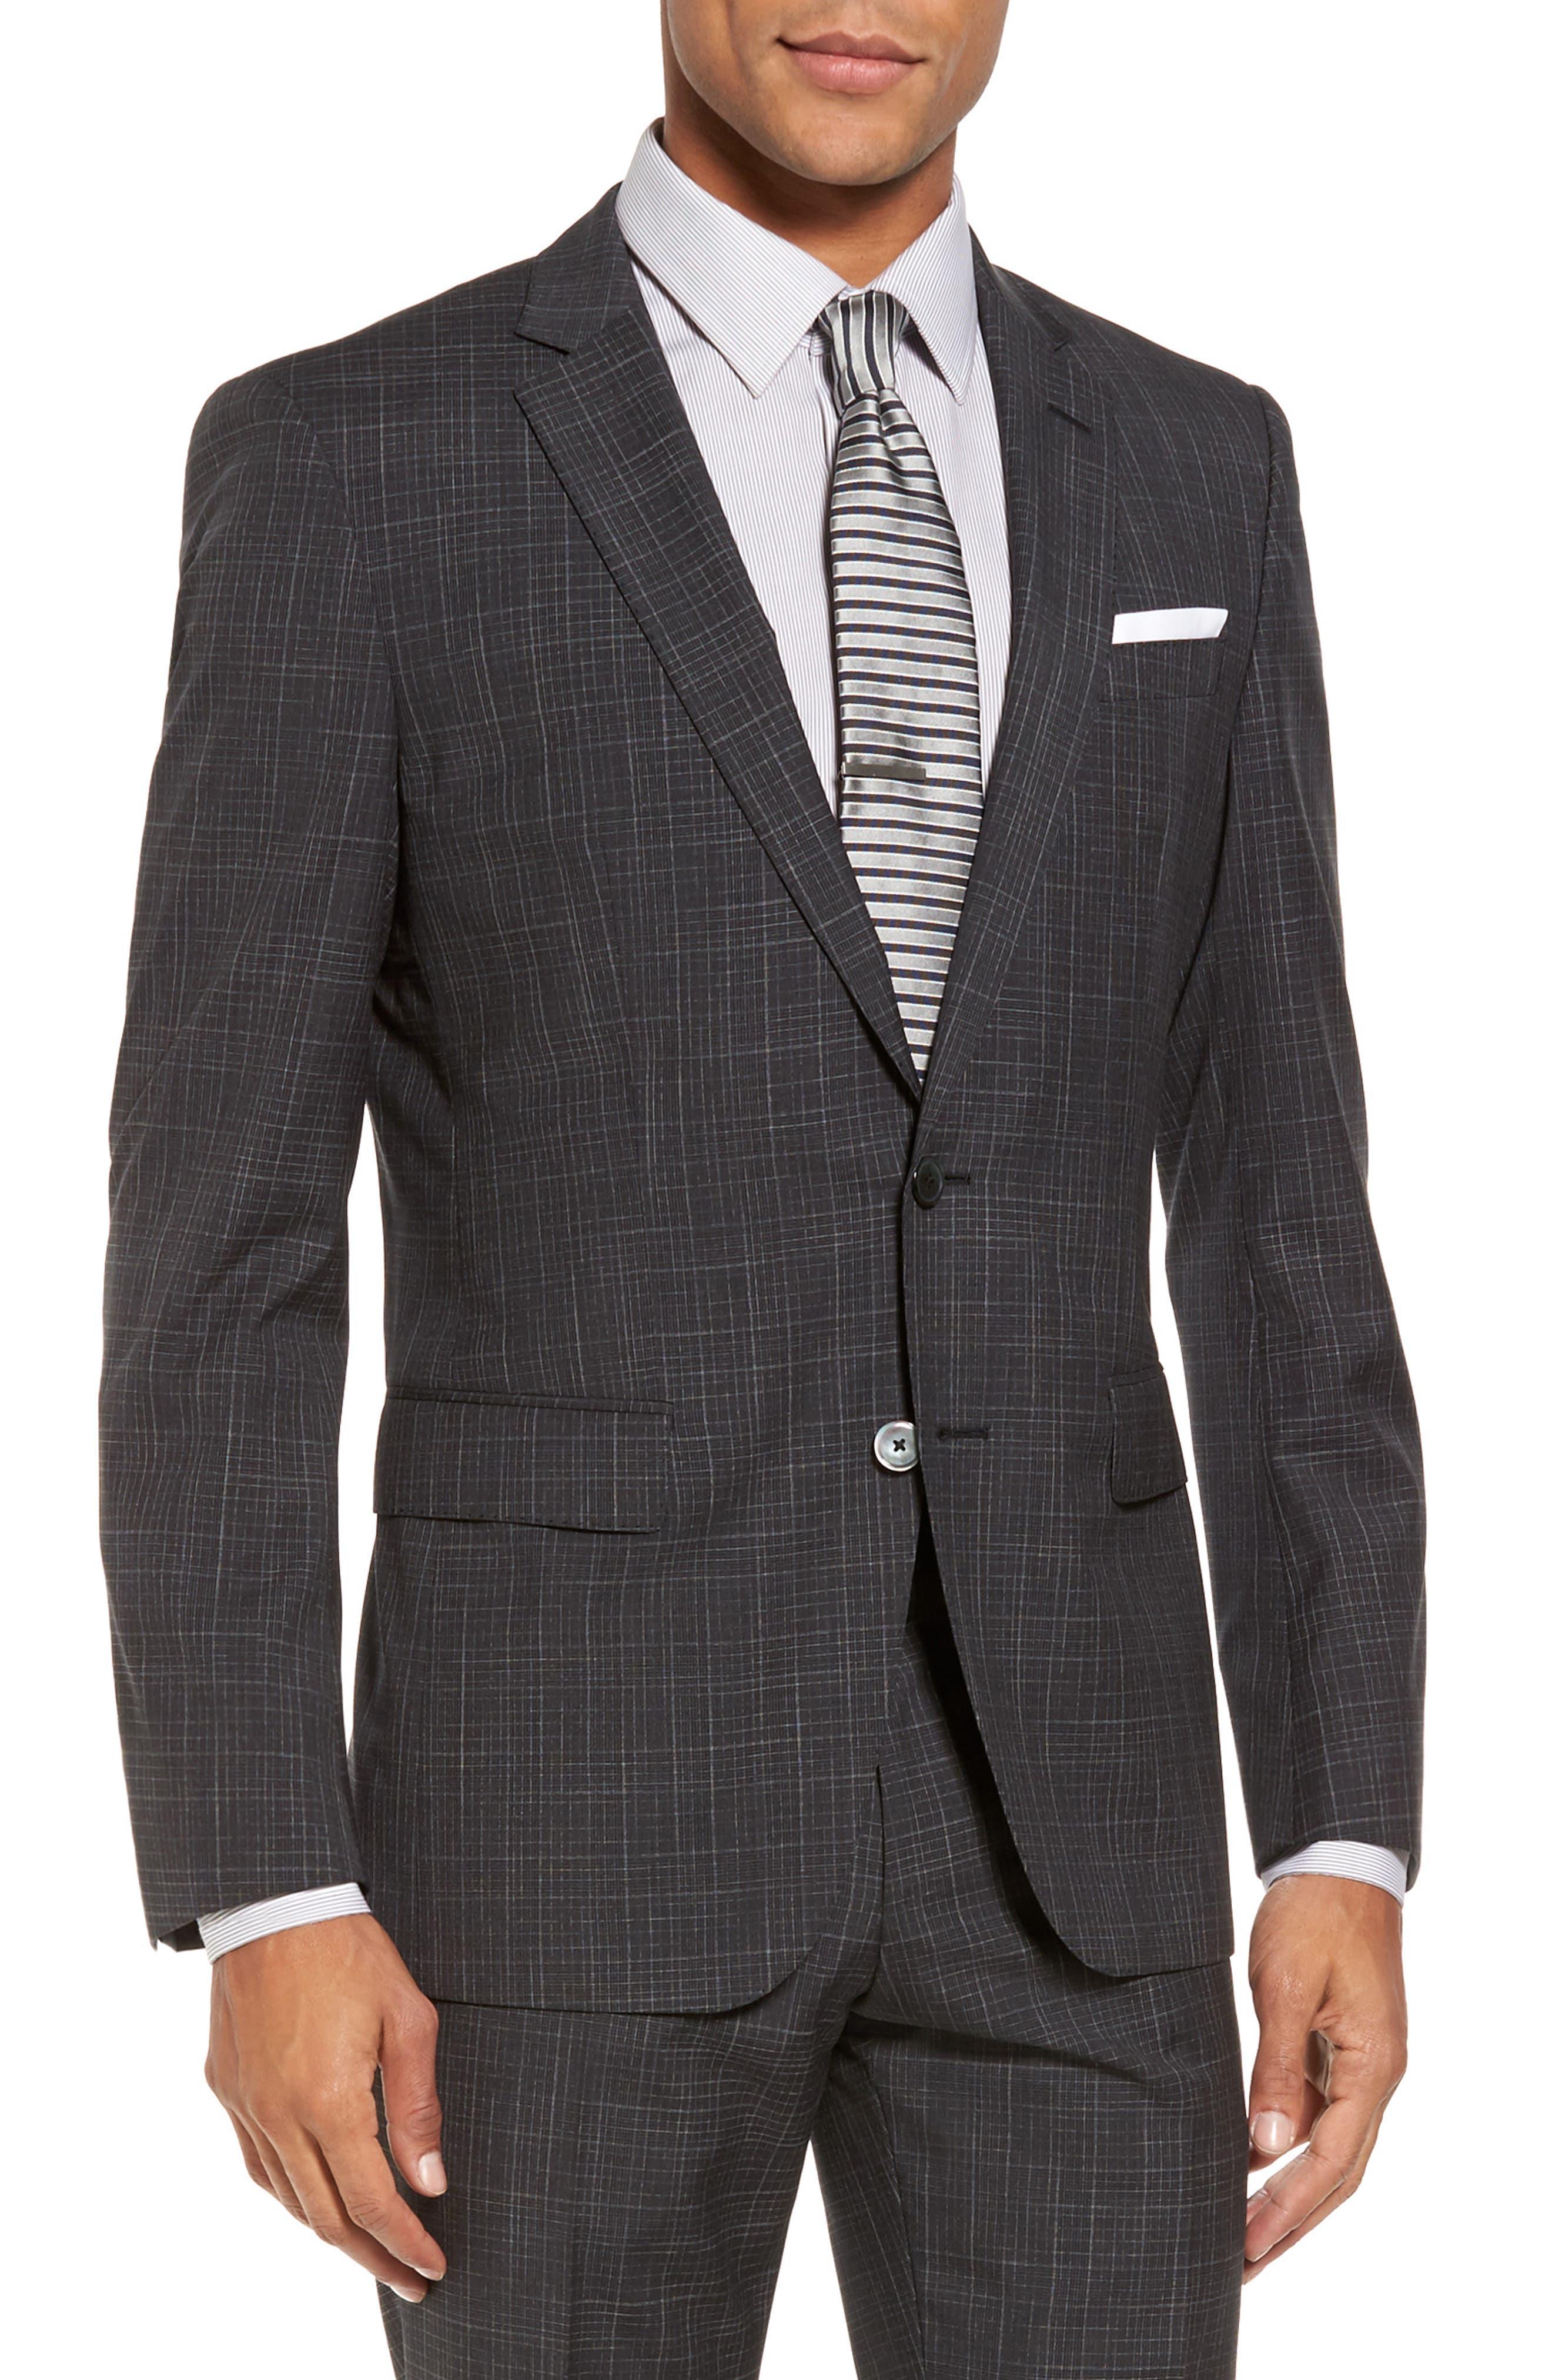 Hutson/Gander Trim Fit Plaid Wool Suit,                             Alternate thumbnail 5, color,                             061